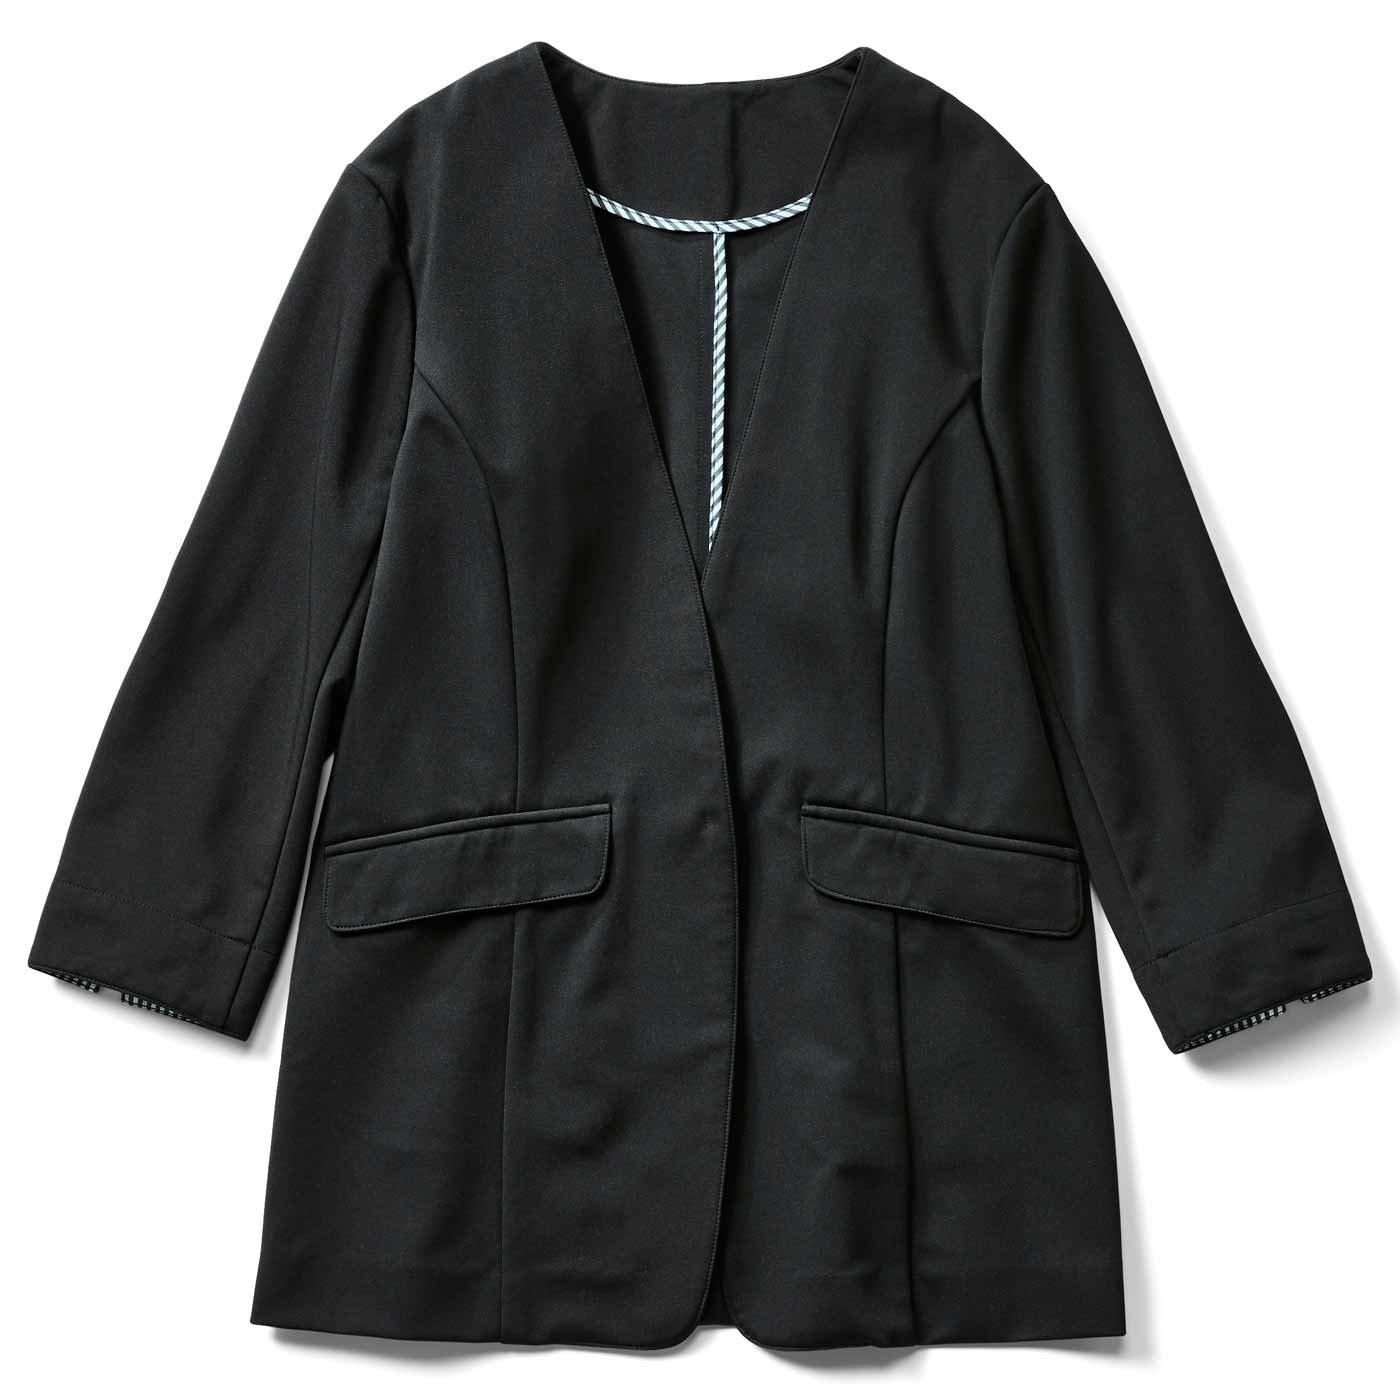 IEDIT[イディット] 接触冷感が快適な軽やかバレエフィット(R)ジャケット〈ブラック〉